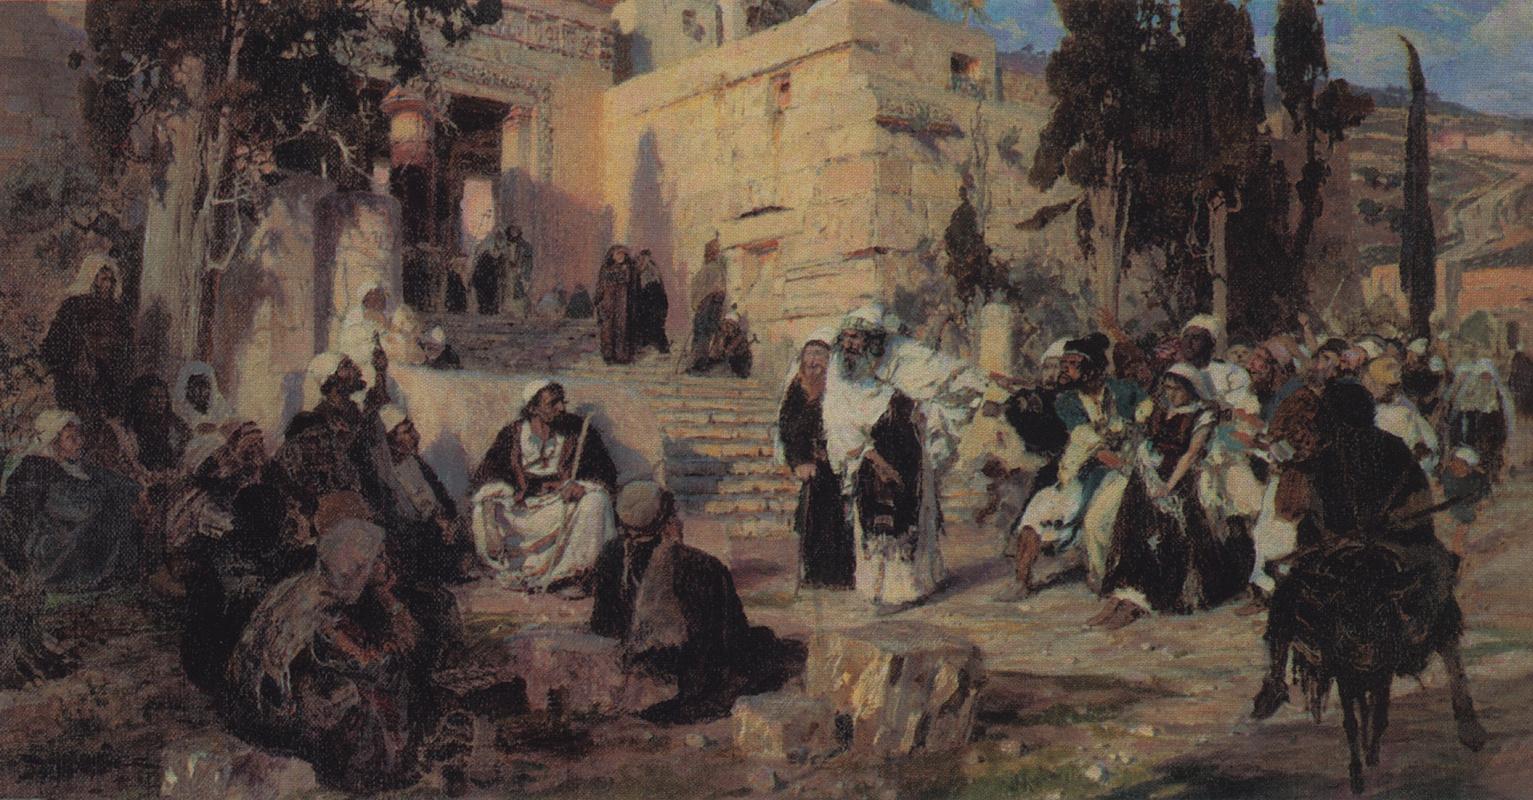 Vasily Dmitrievich Polenov. Christ and the sinner. Sketch